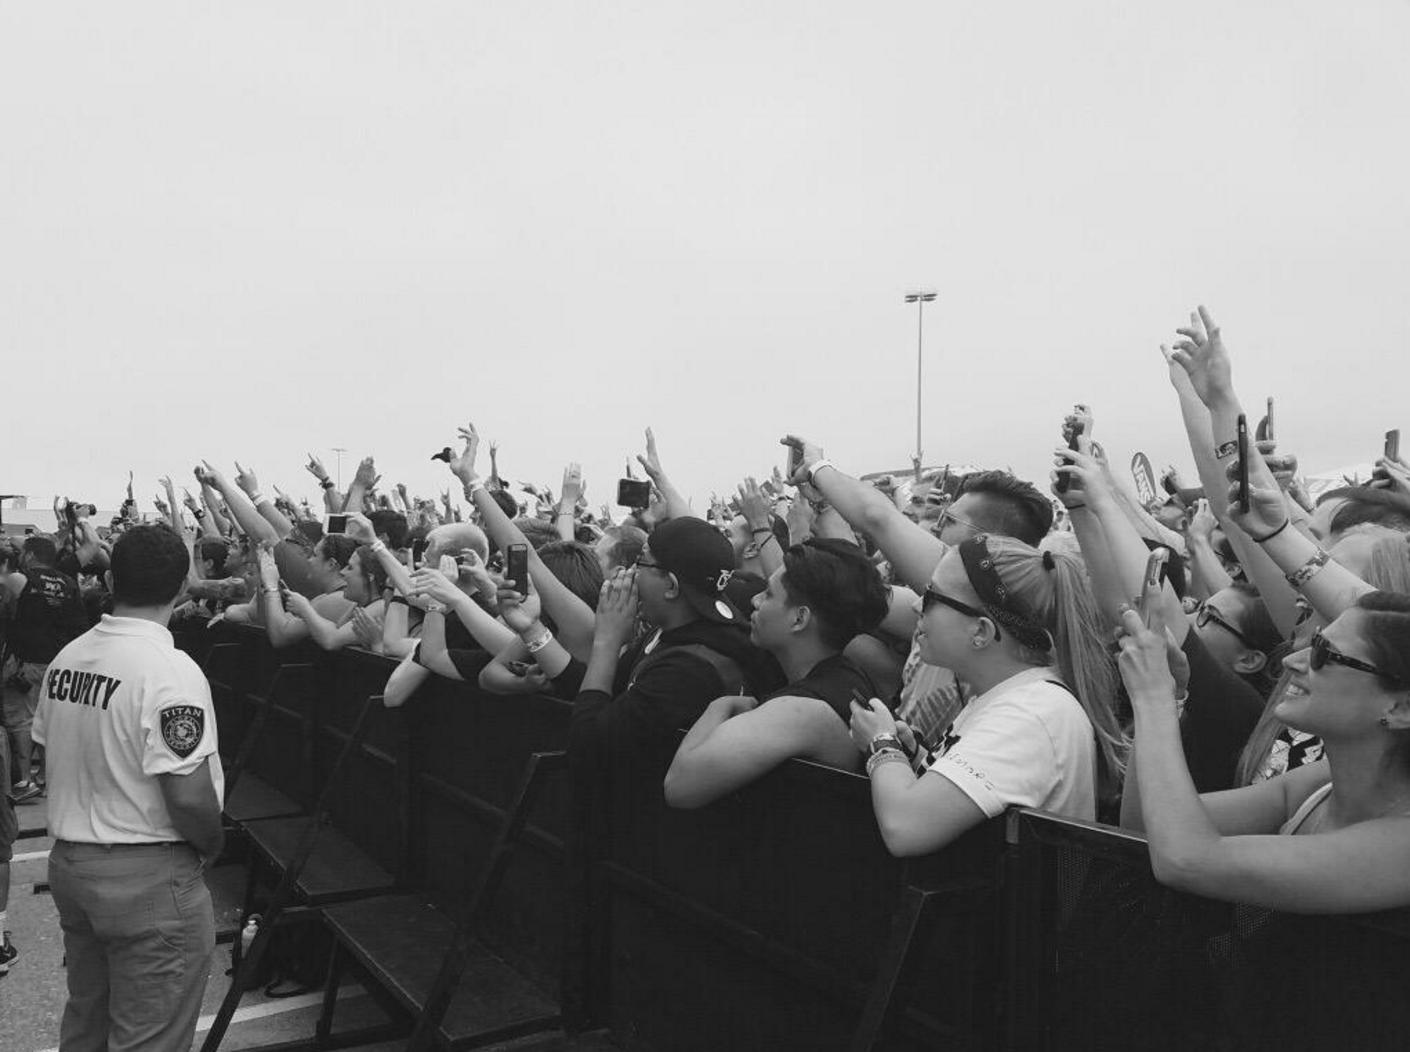 Warped crowd 2016